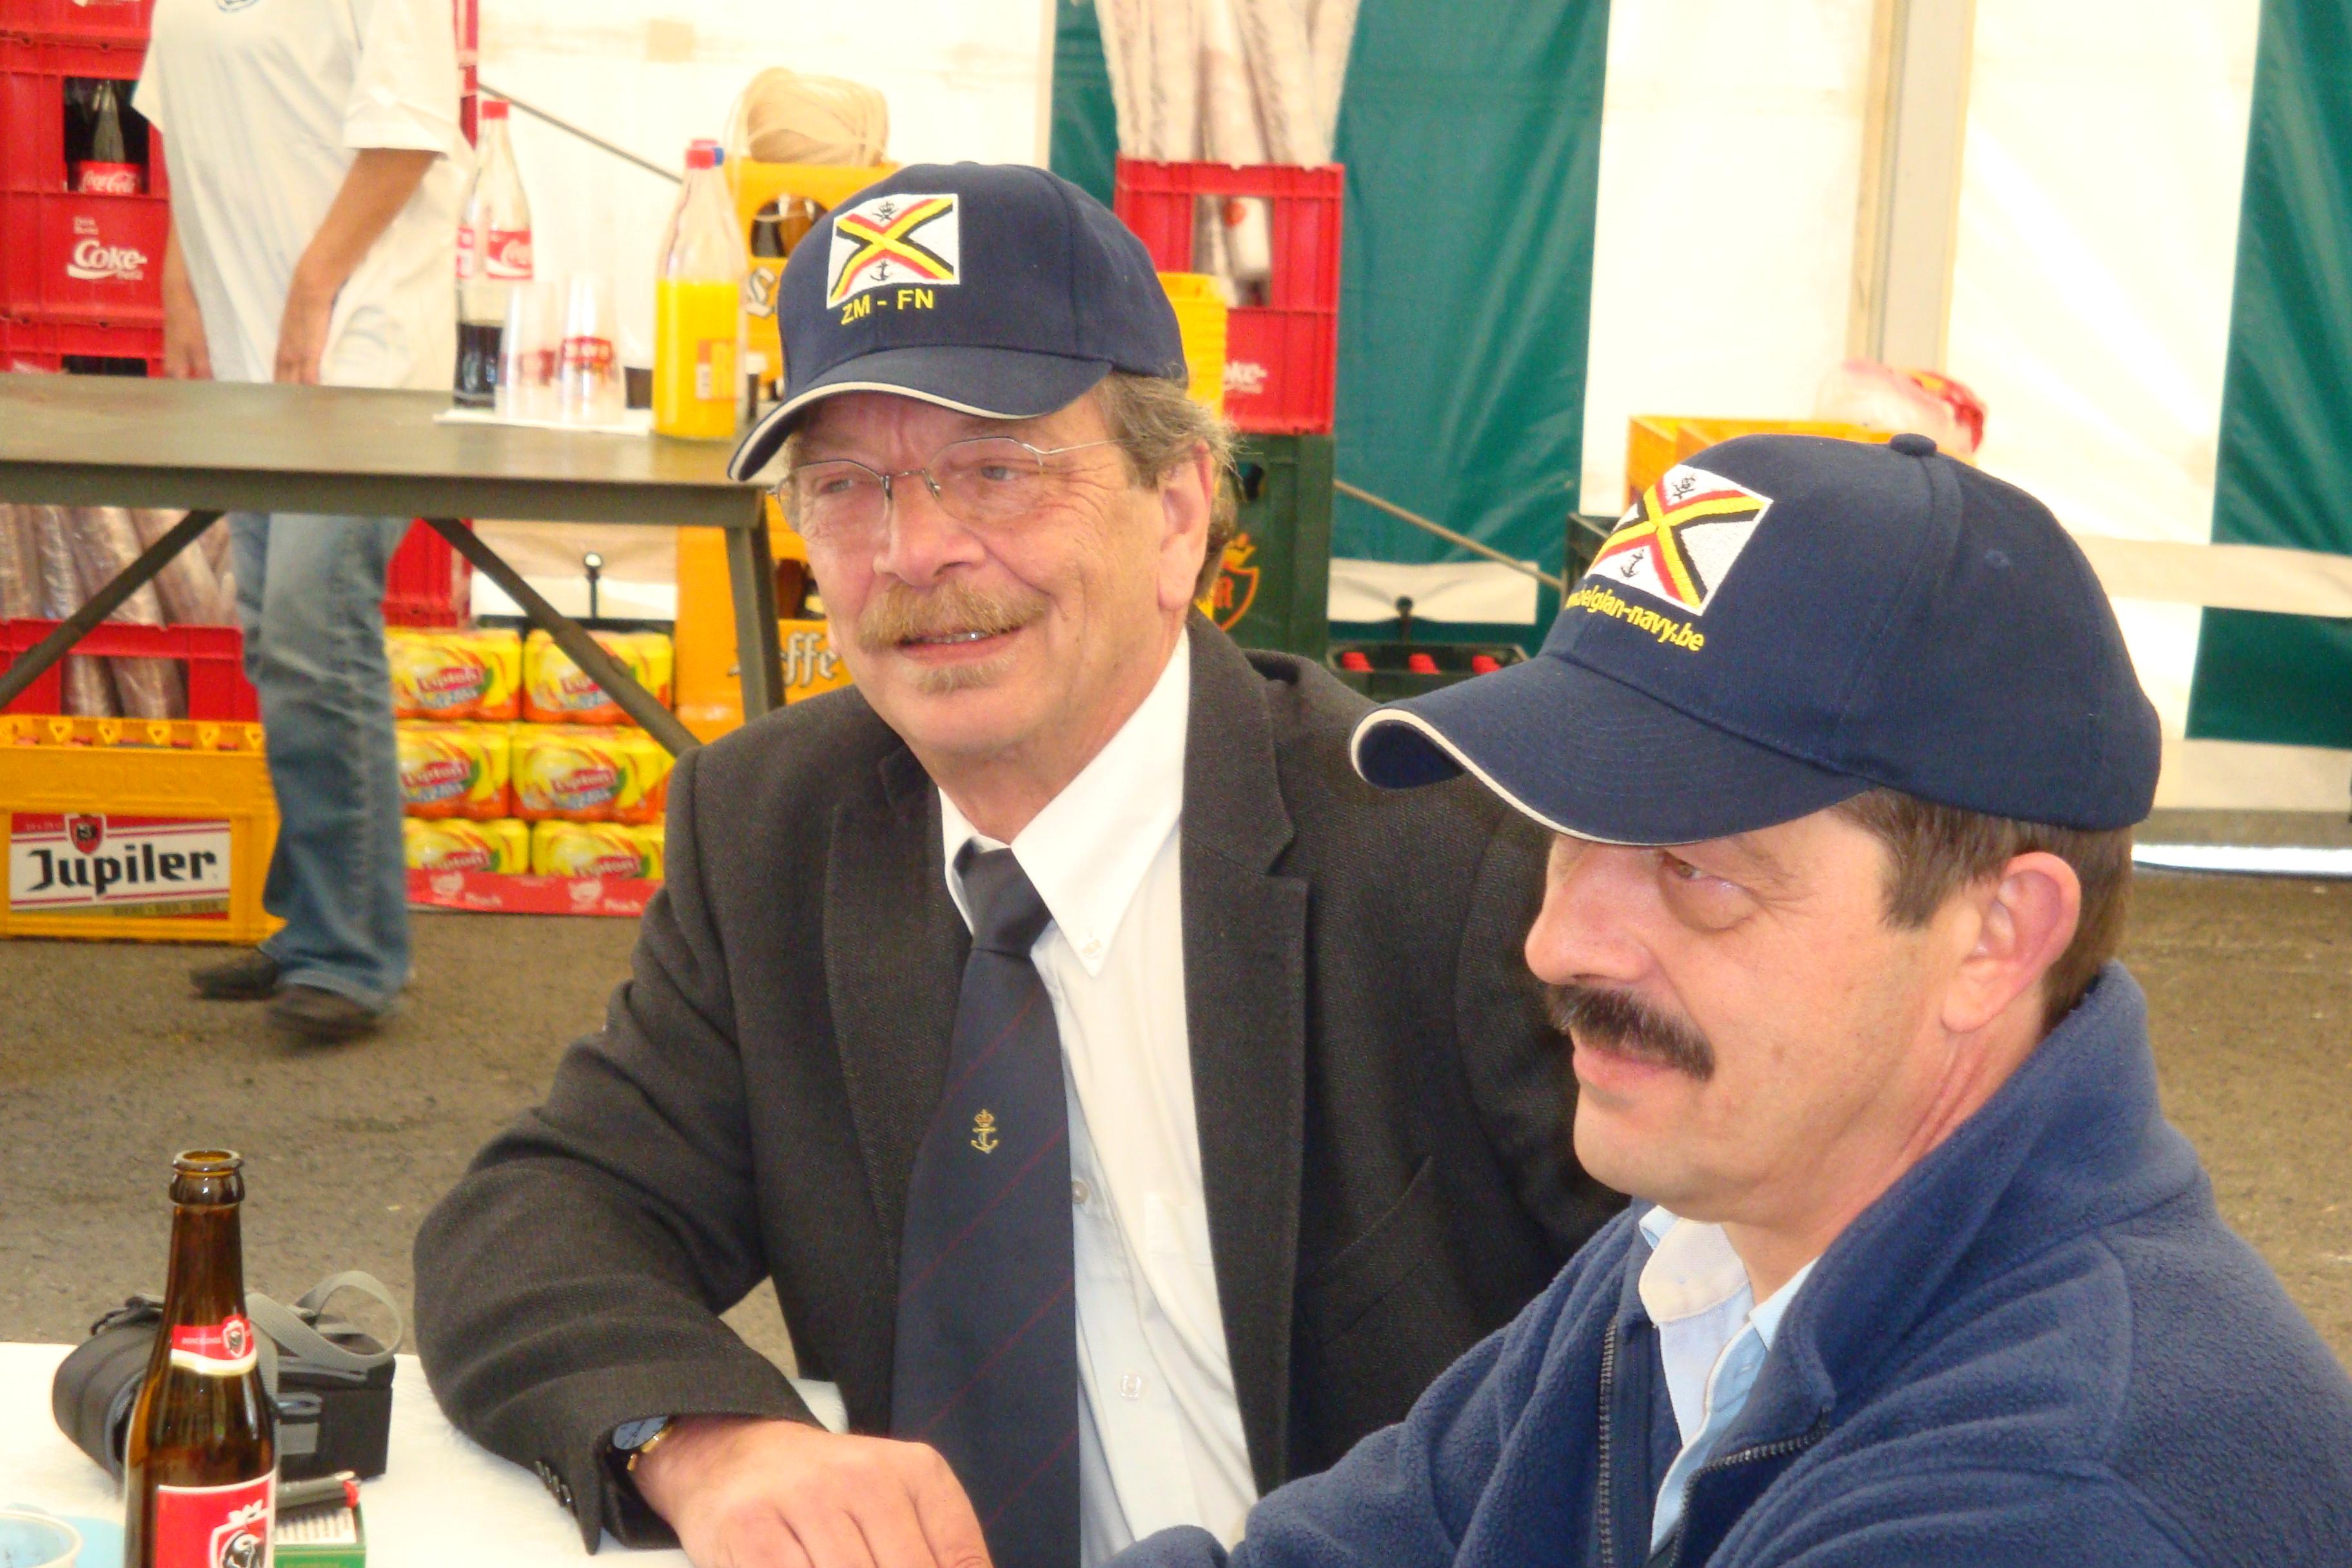 photos de la réunion des anciens à Ittre le 1er mai 2010 - Page 4 100502122926990285945138